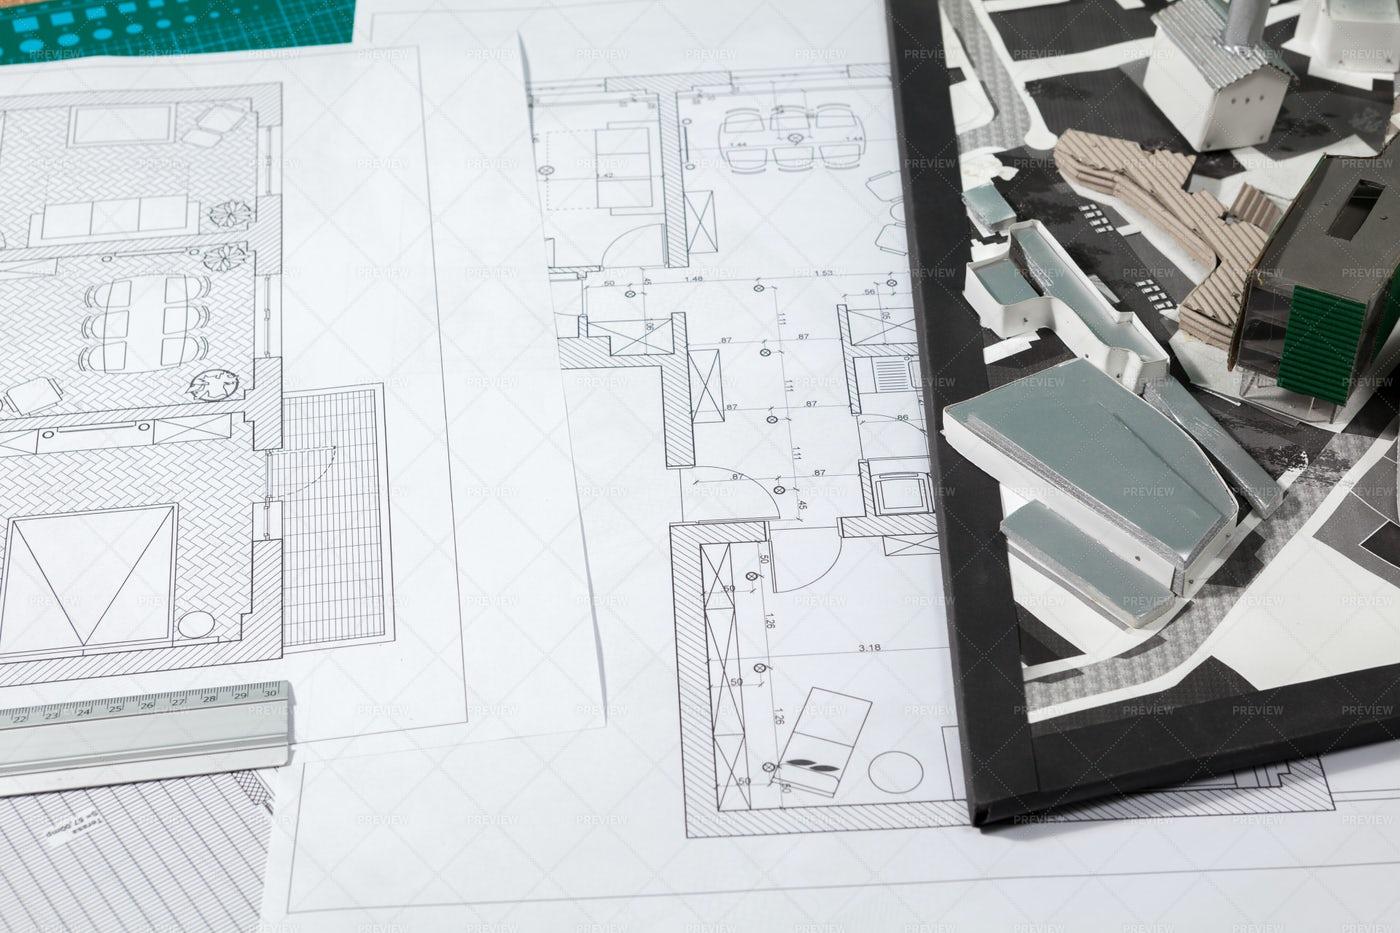 An Architect's Documents: Stock Photos